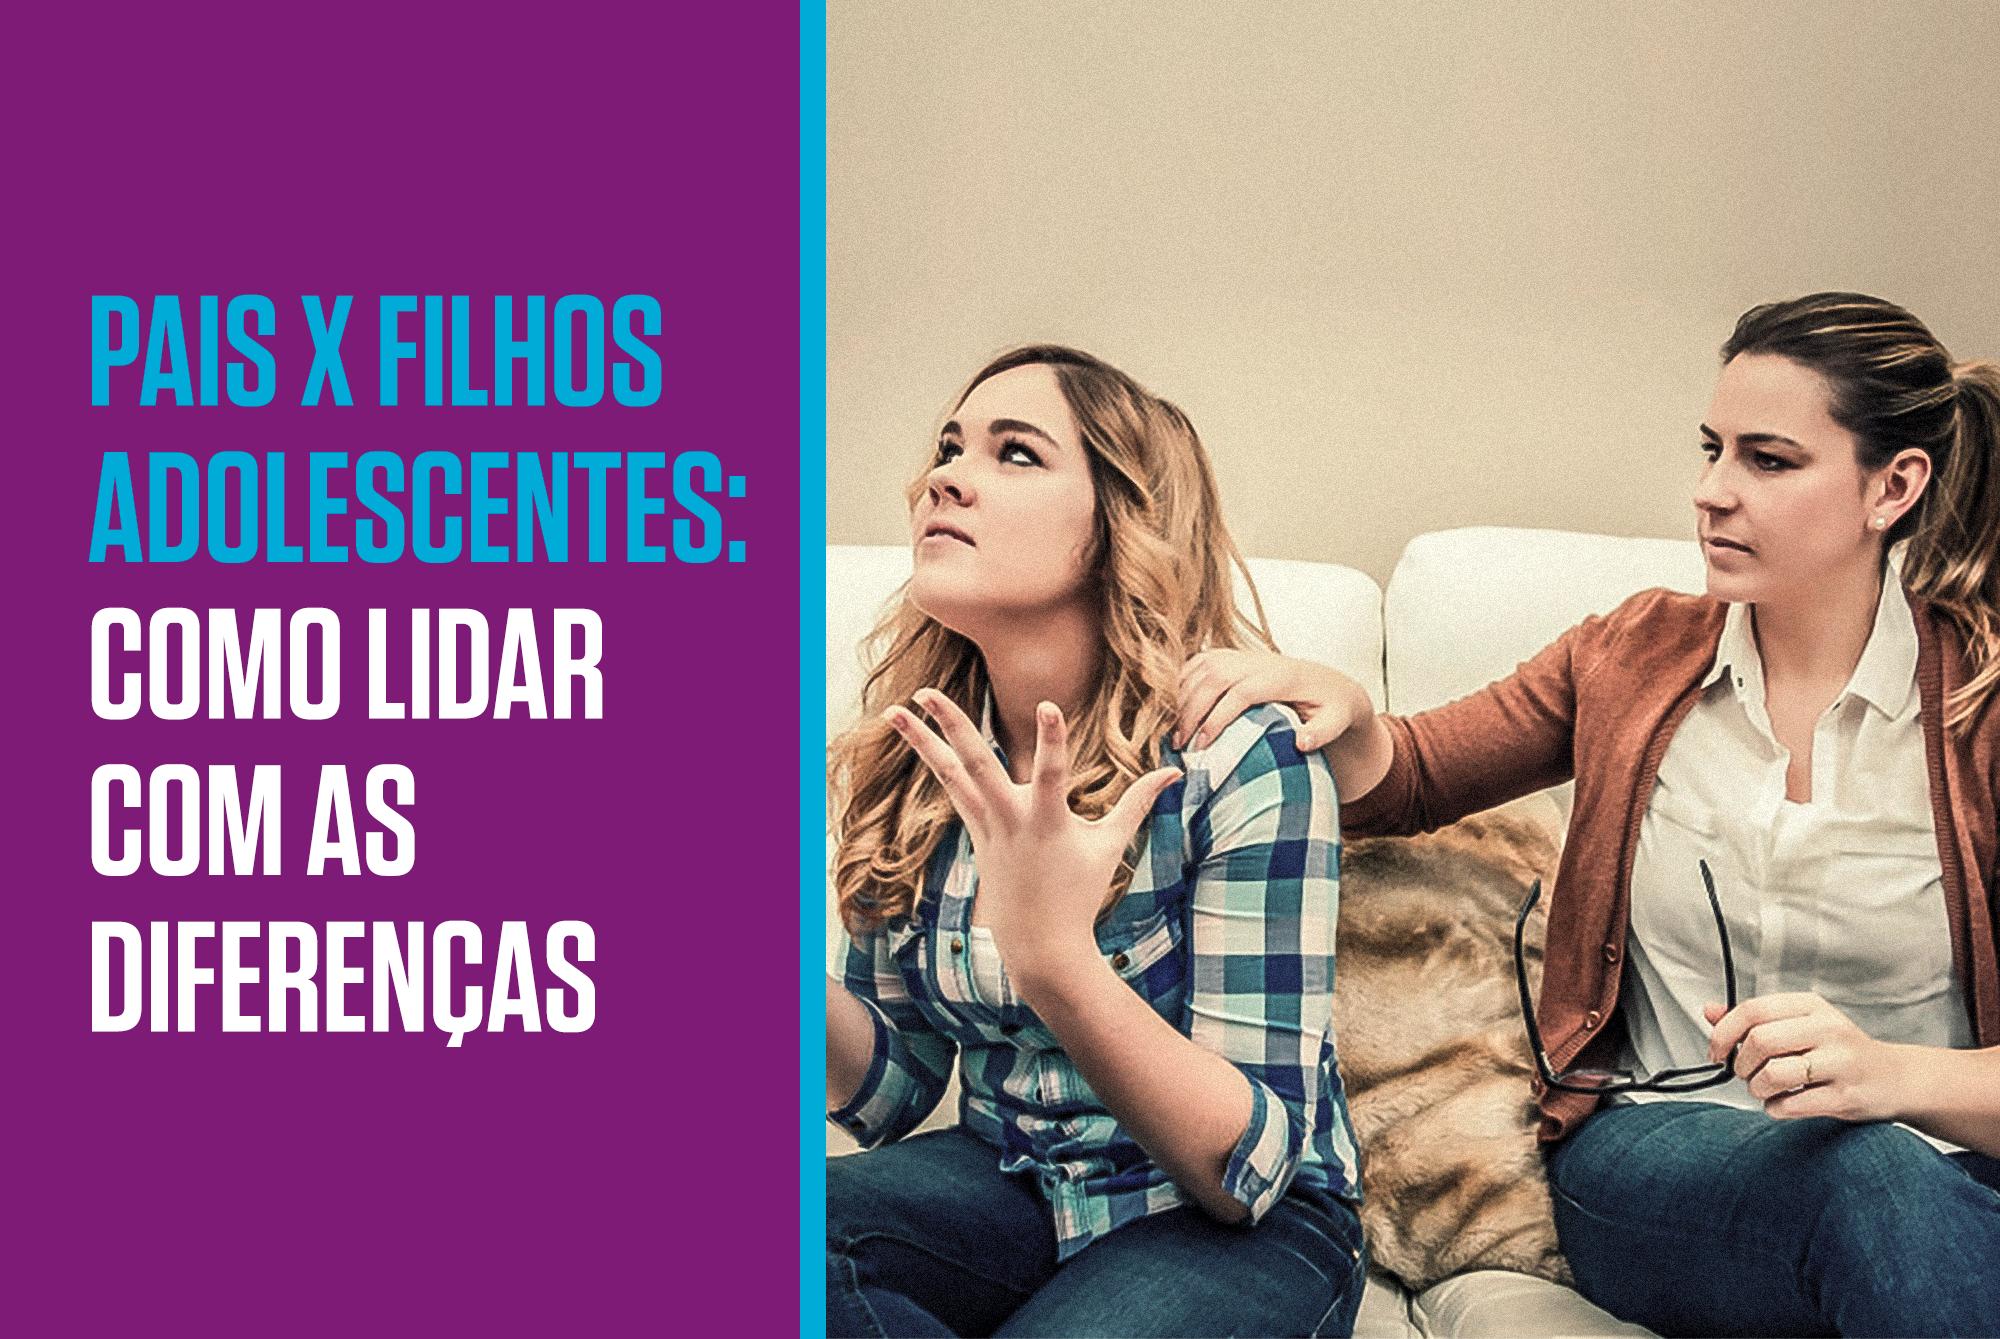 PAIS X FILHOS ADOLESCENTES: COMO LIDAR COM AS DIFERENÇAS